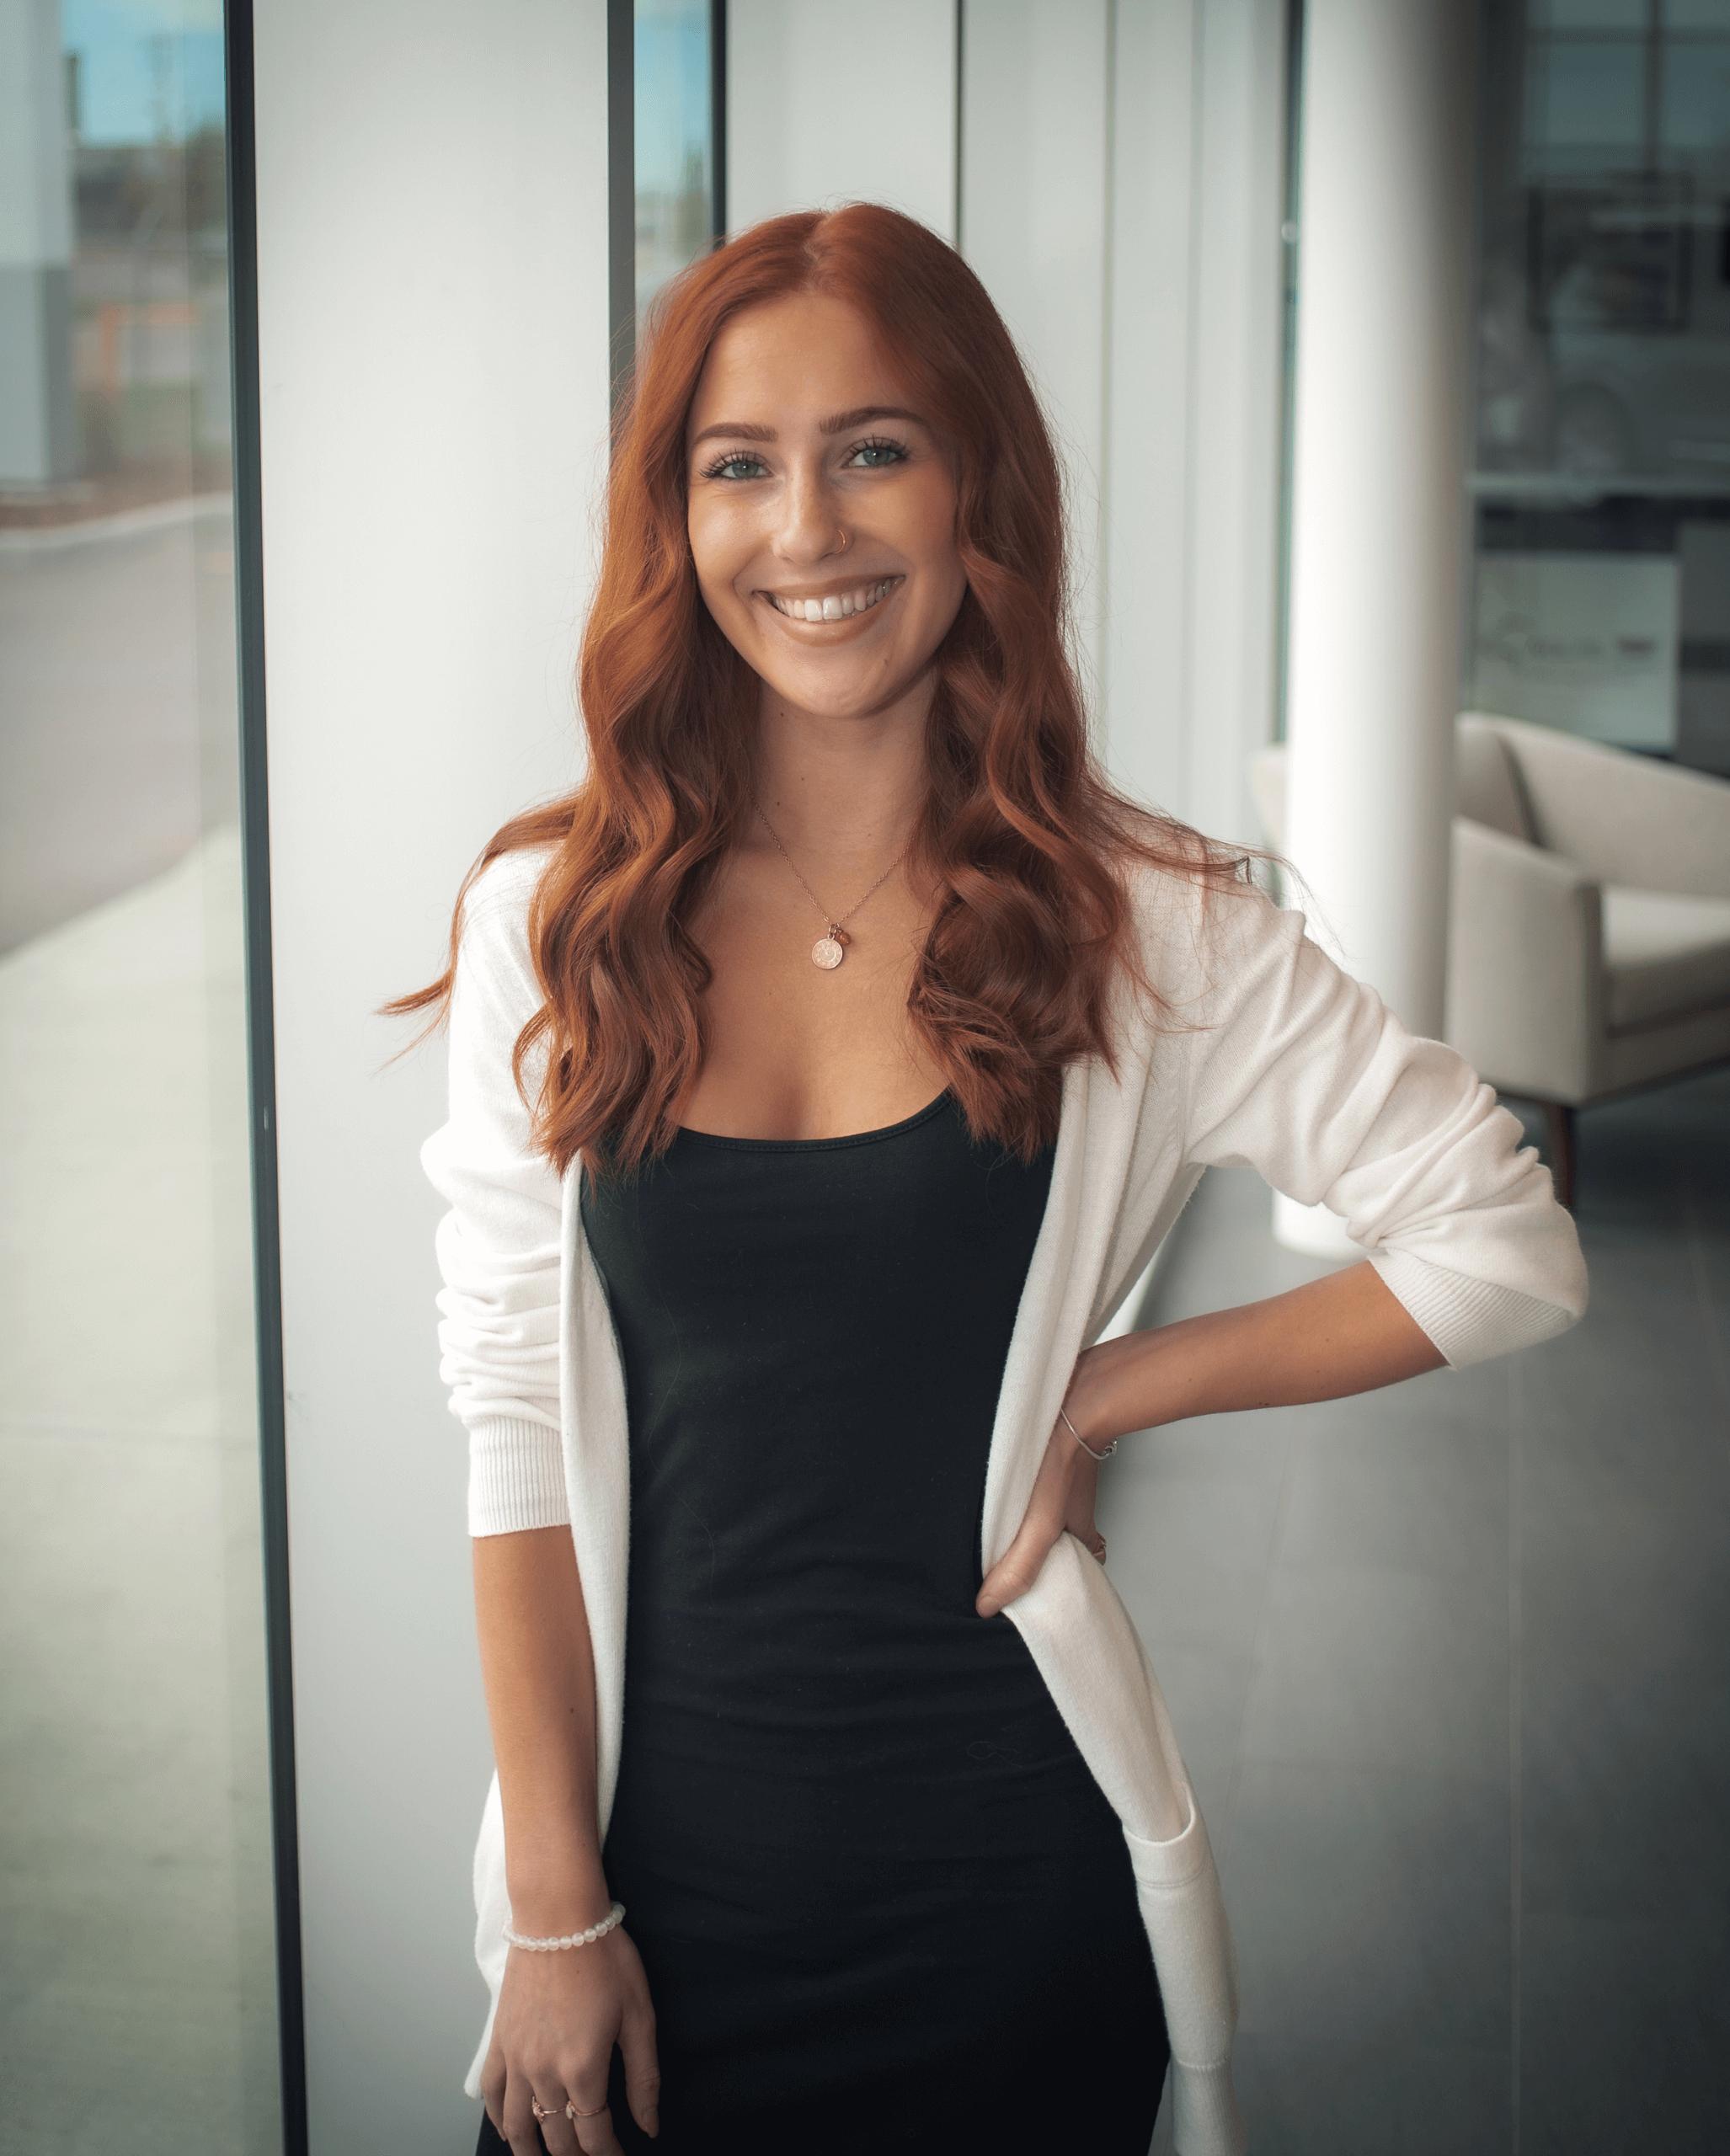 JENNA JOLY